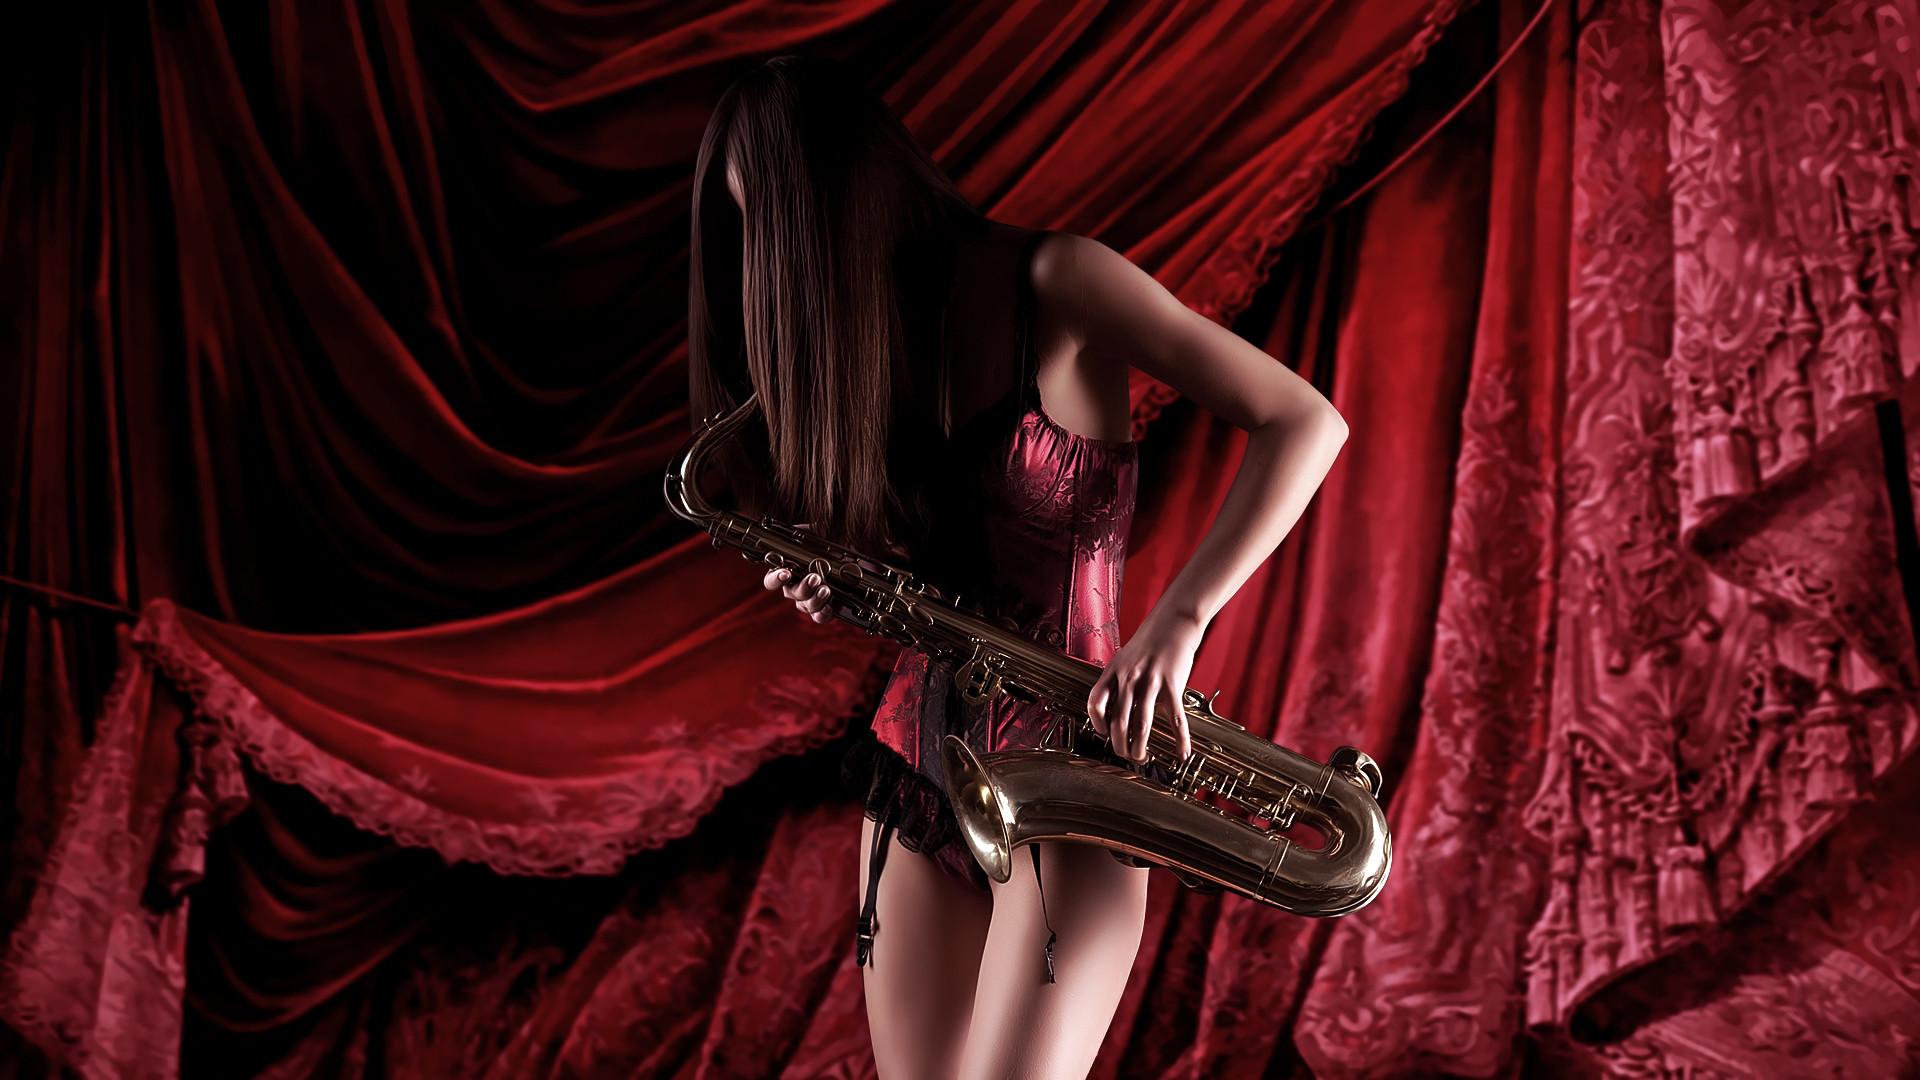 Эротическая ритмичная музыка 8 фотография